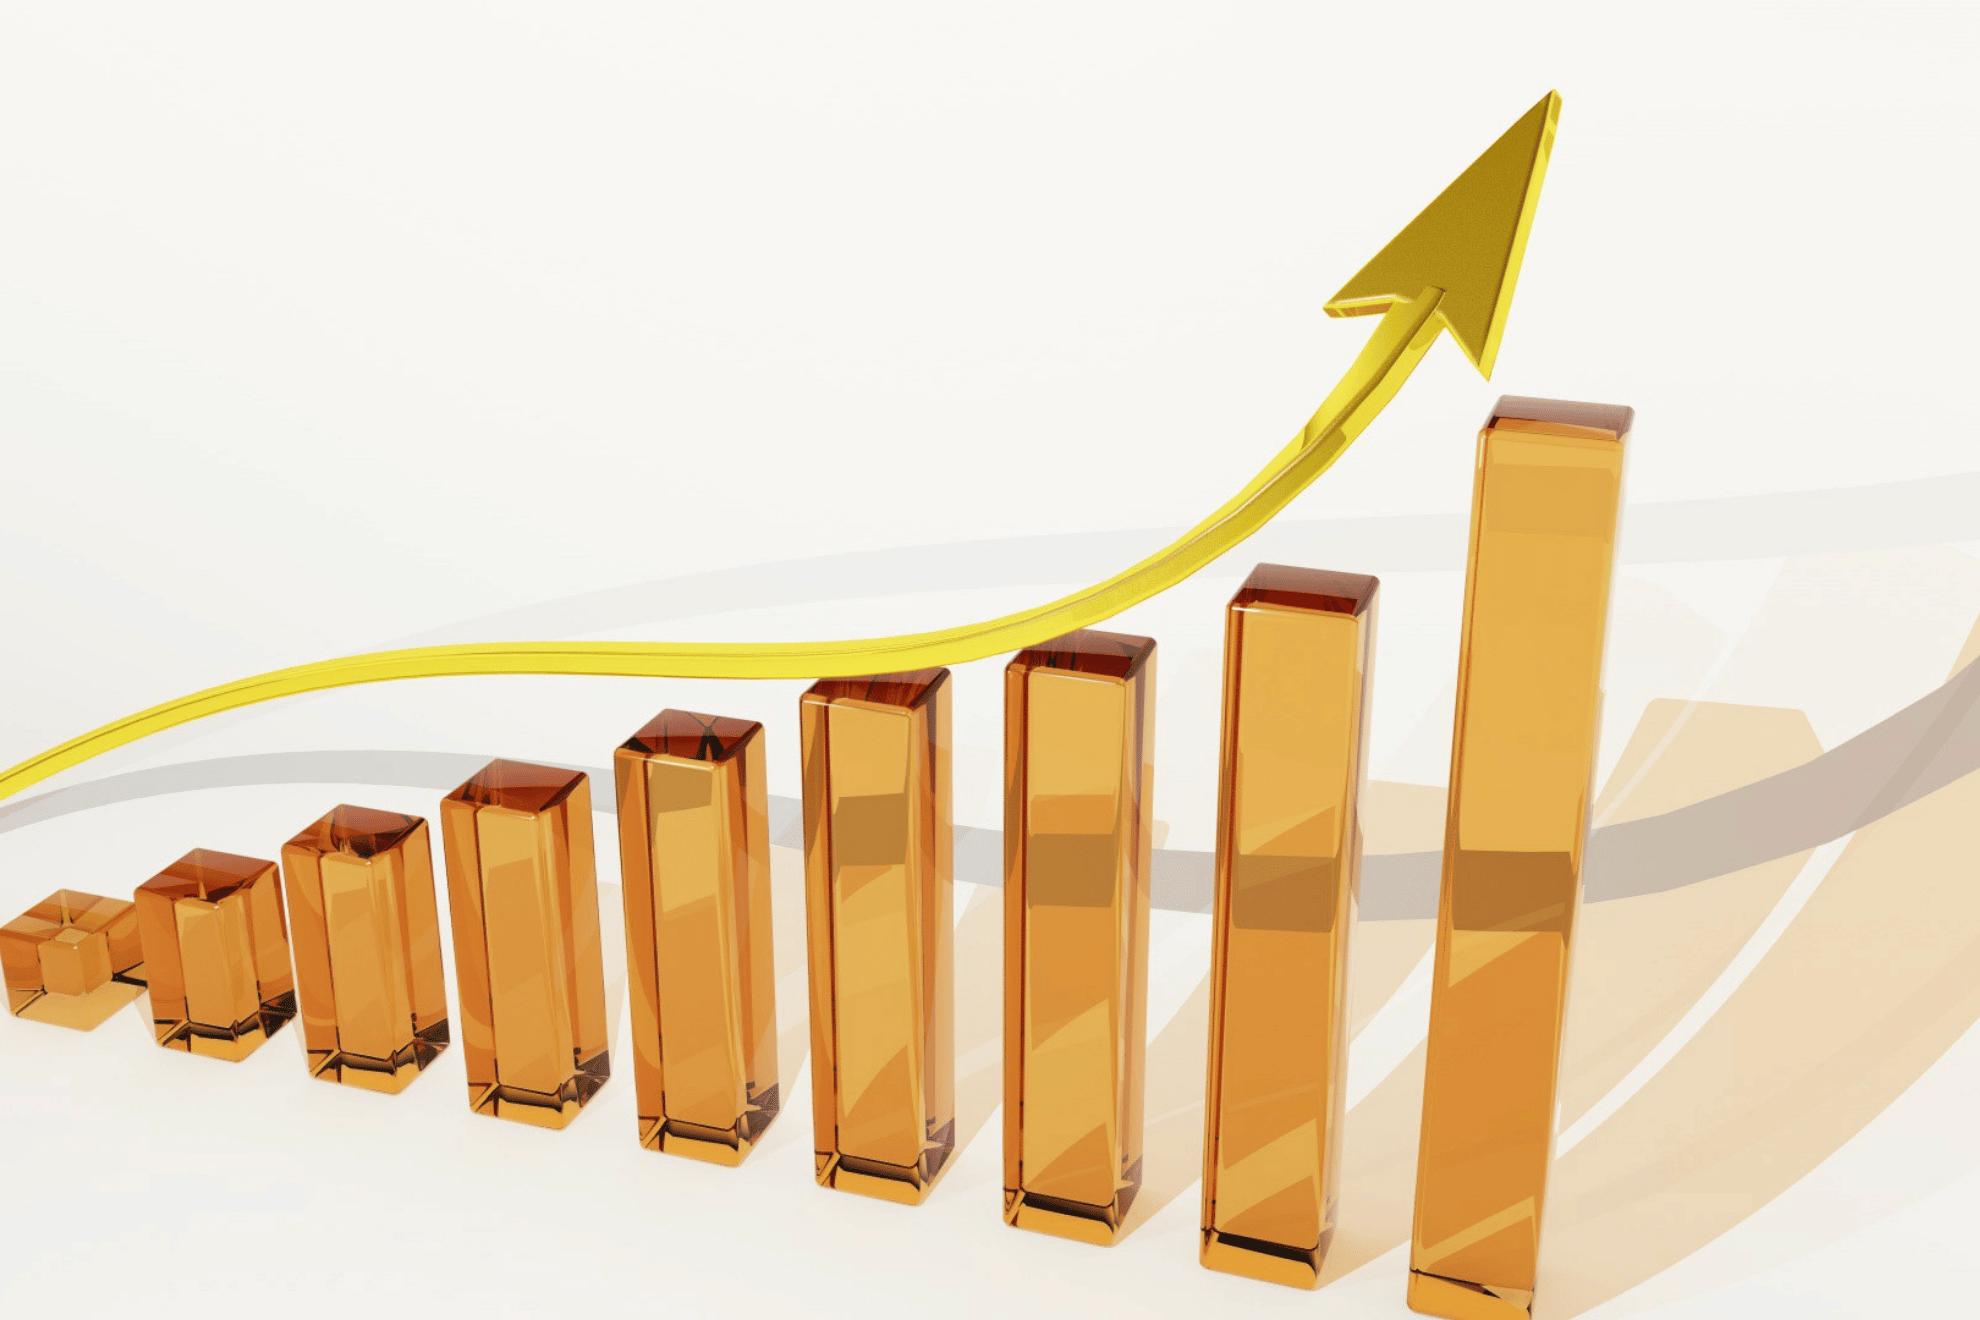 kuvituskuva verkkokaupan myynnin kasvusta